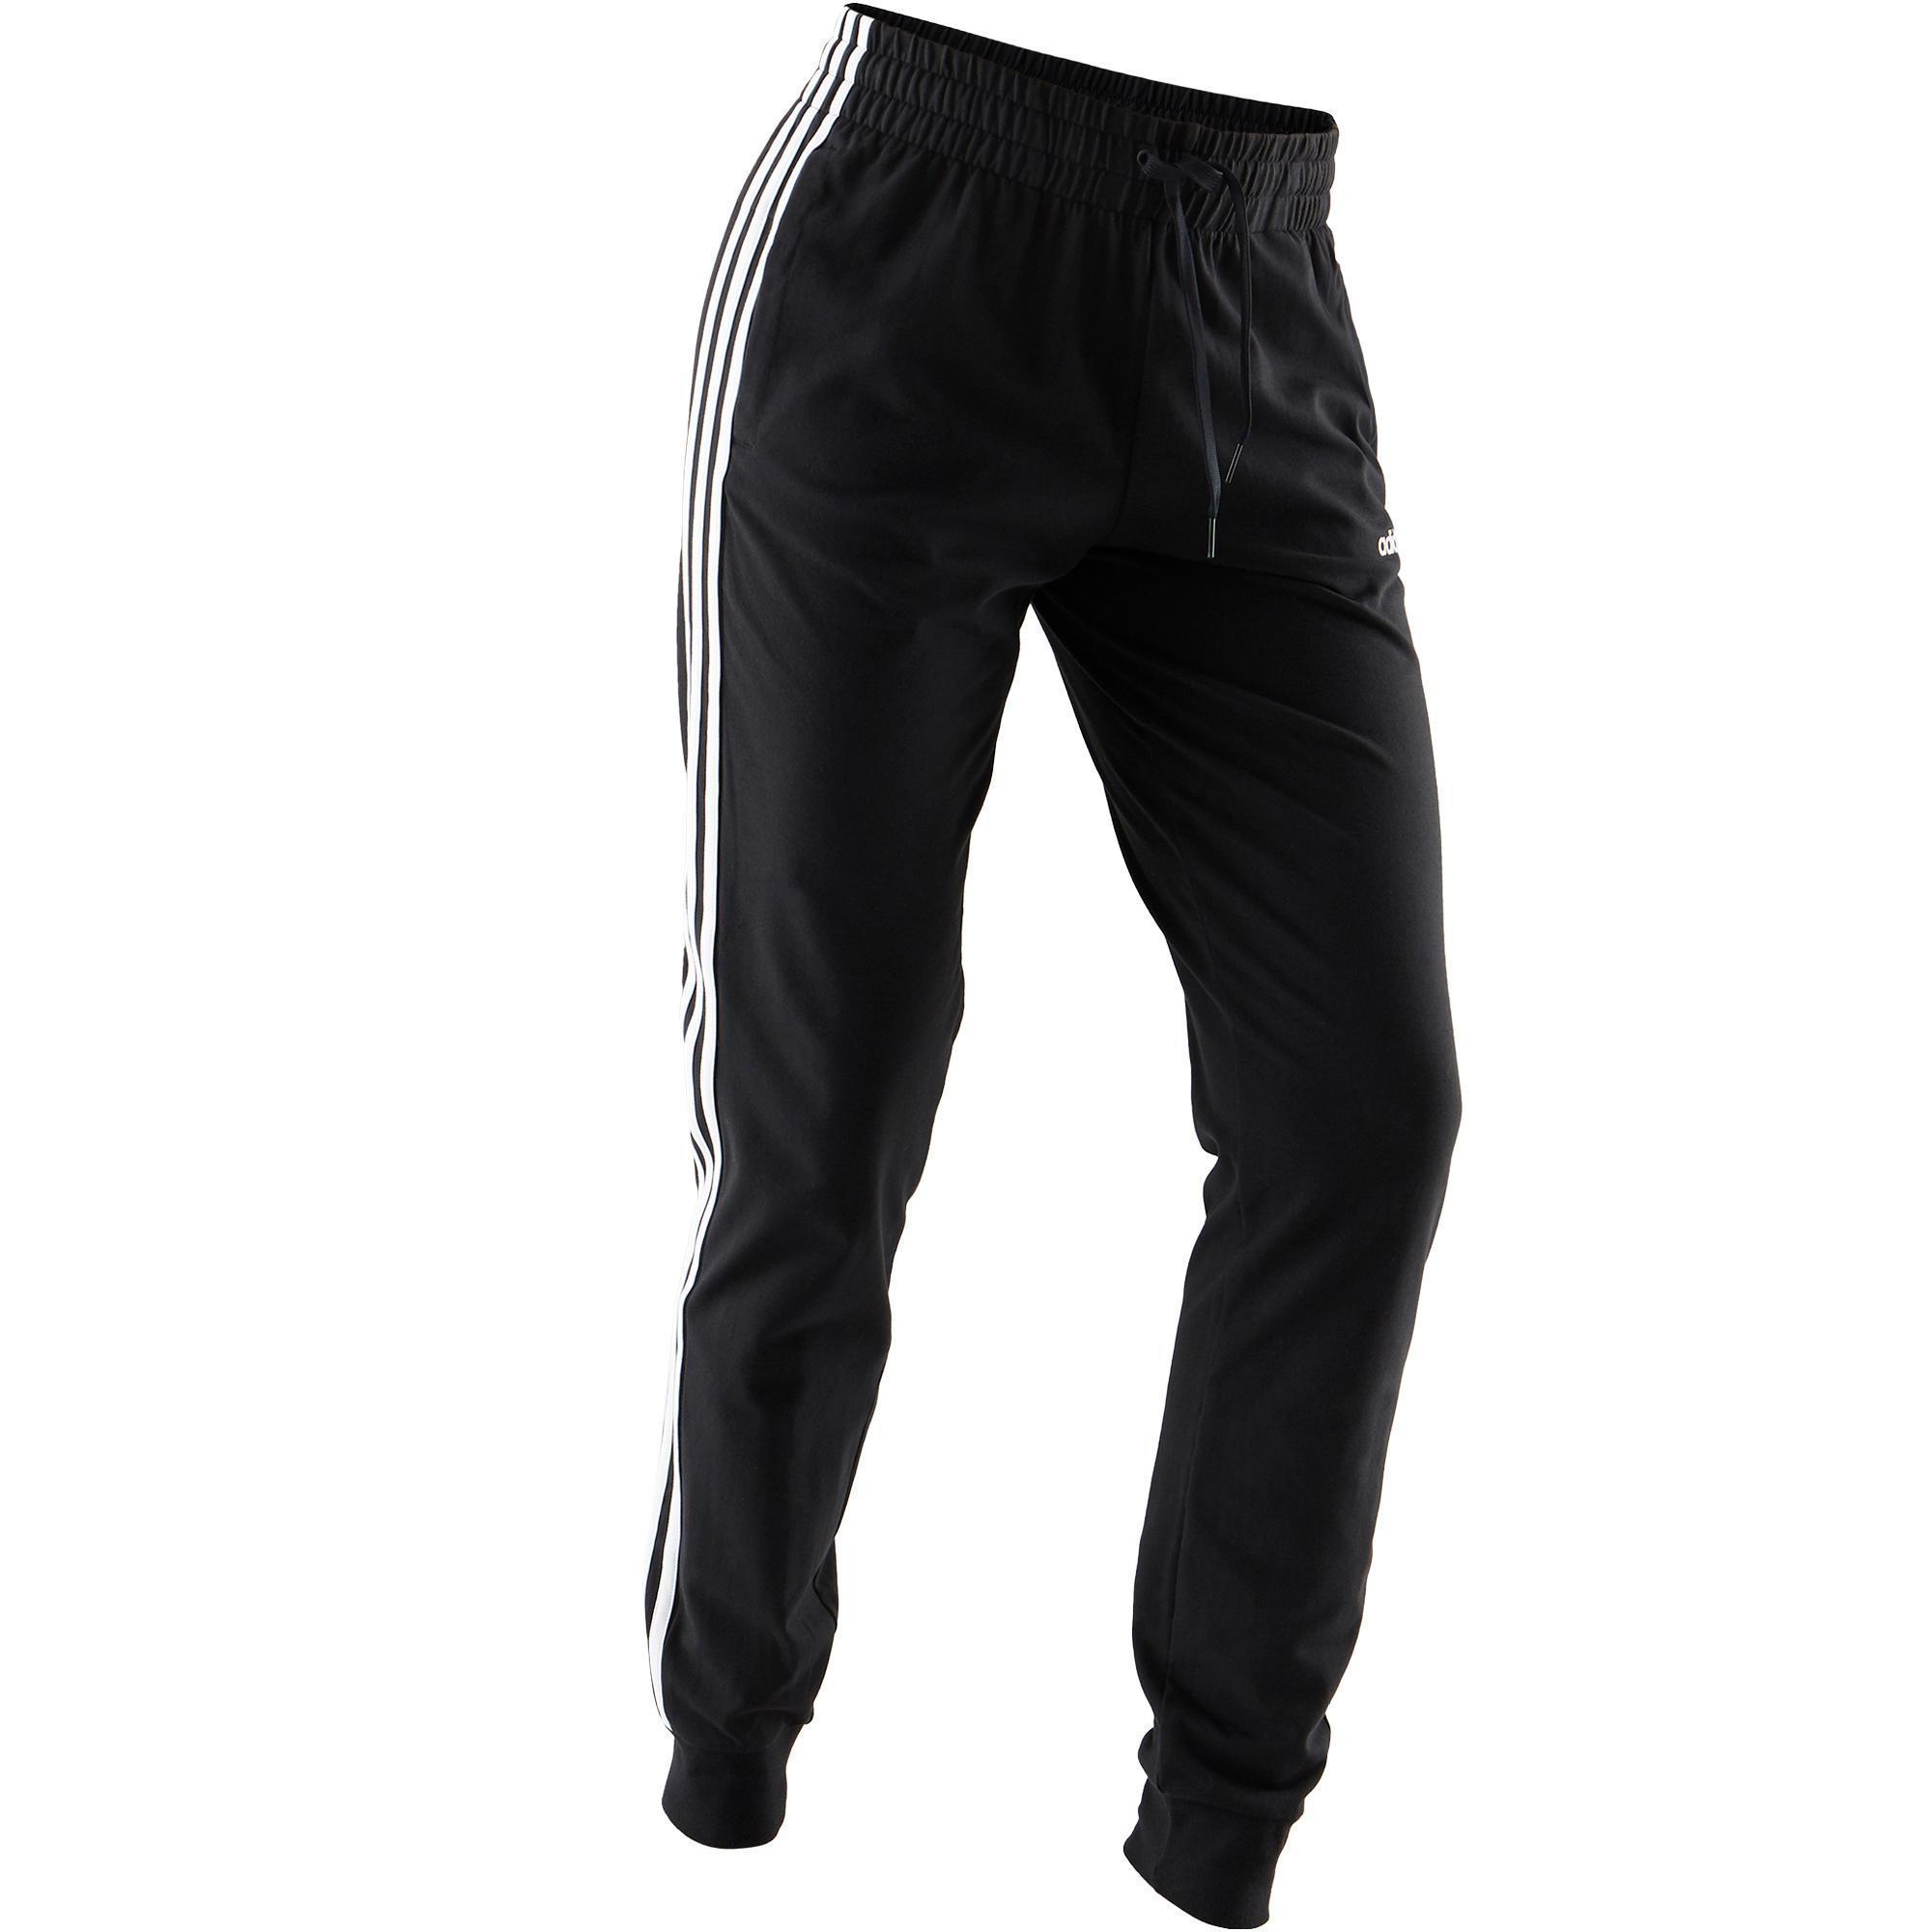 a pies en mejor proveedor colección de descuento Pantalones Adidas - Decathlon